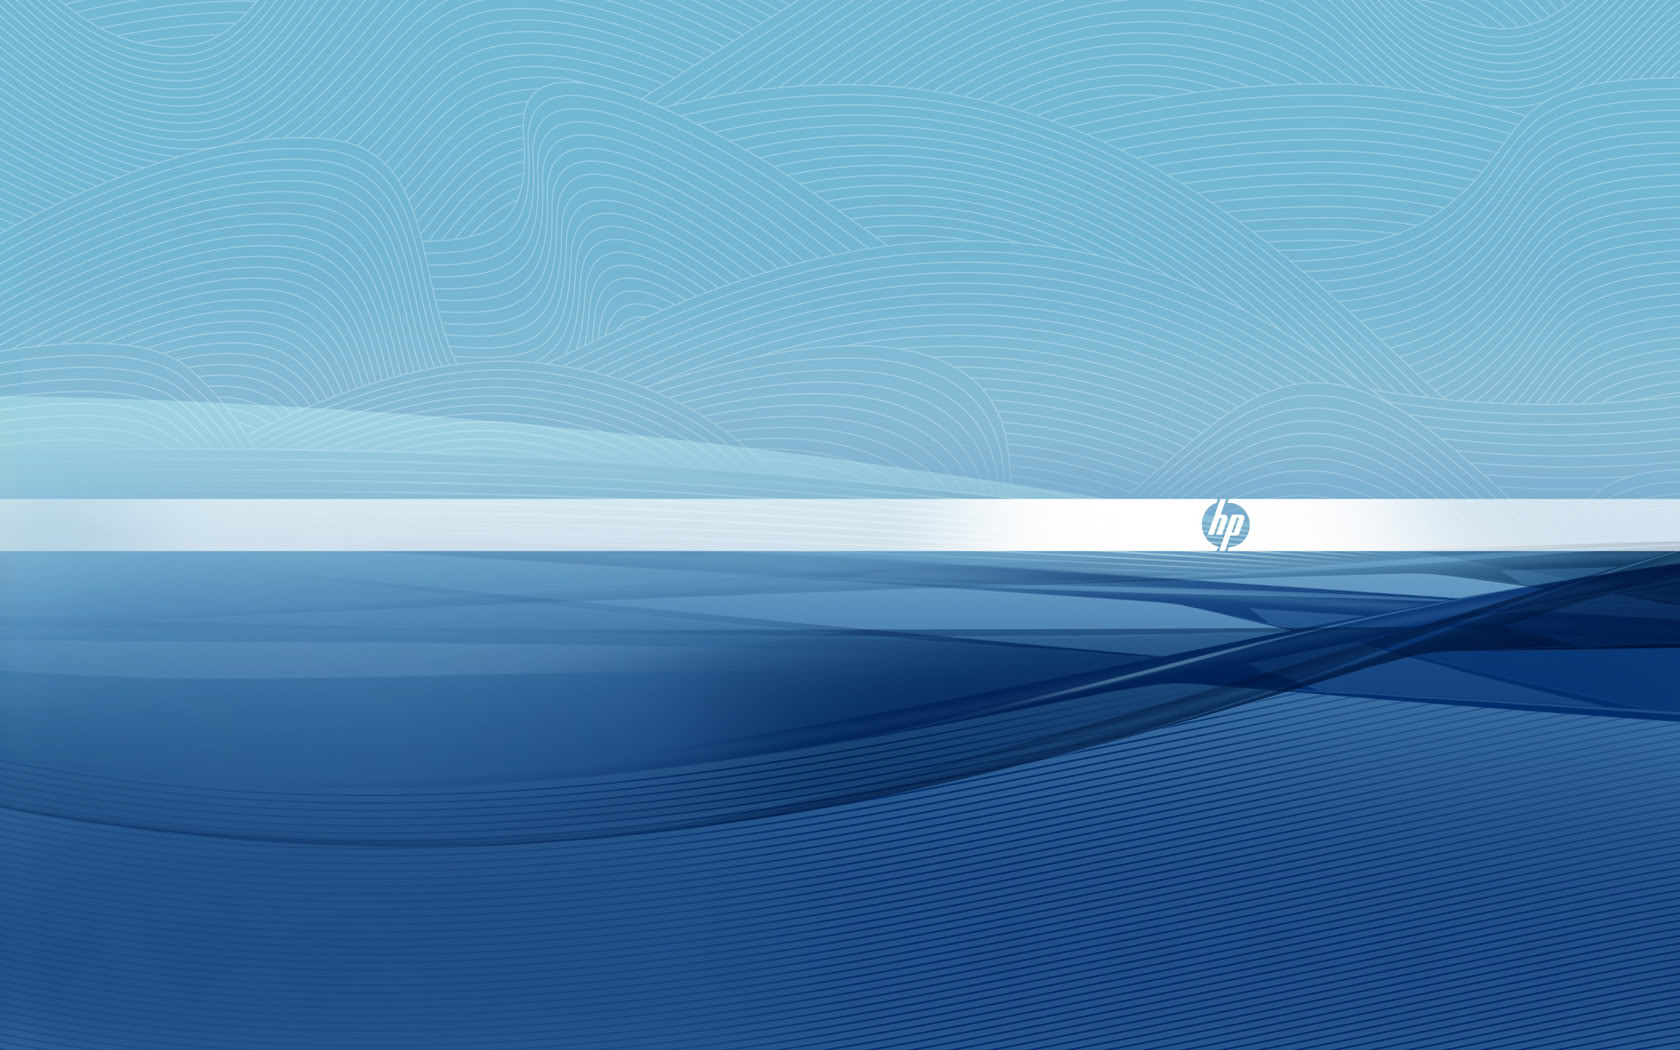 HP Pavilion Wallpaper 33164 16801050 px fond ecran 1680x1050